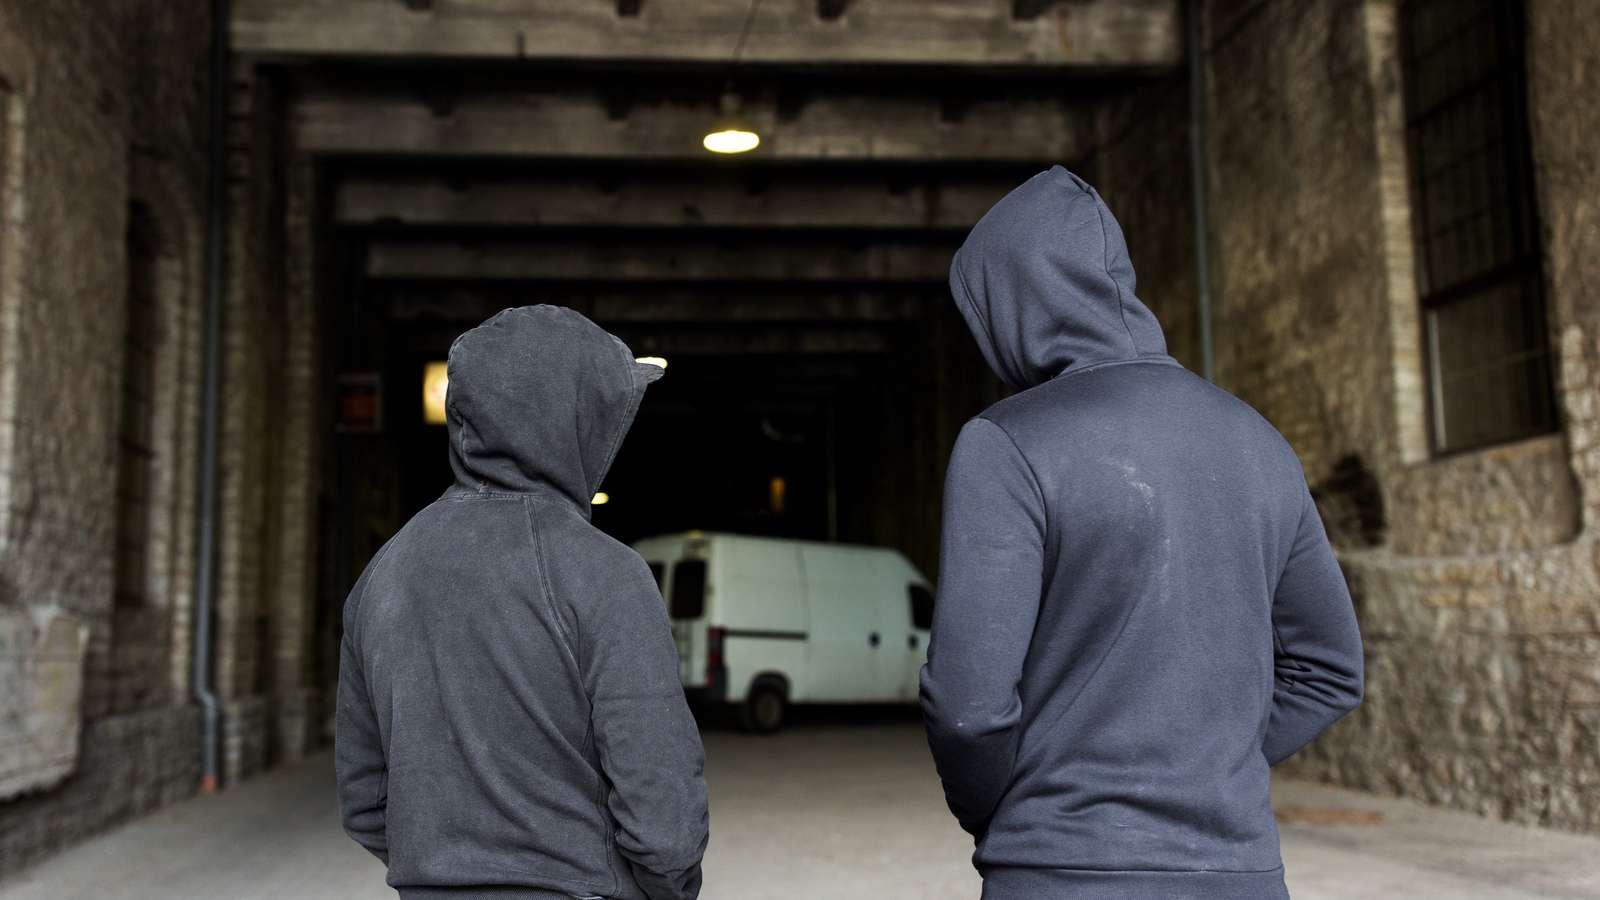 Slovak Slovak Criminal Gang Sentenced for Multiple Counts of Robbery, Theft Sentenced for Multiple Counts of Robbery, Theft post's picture